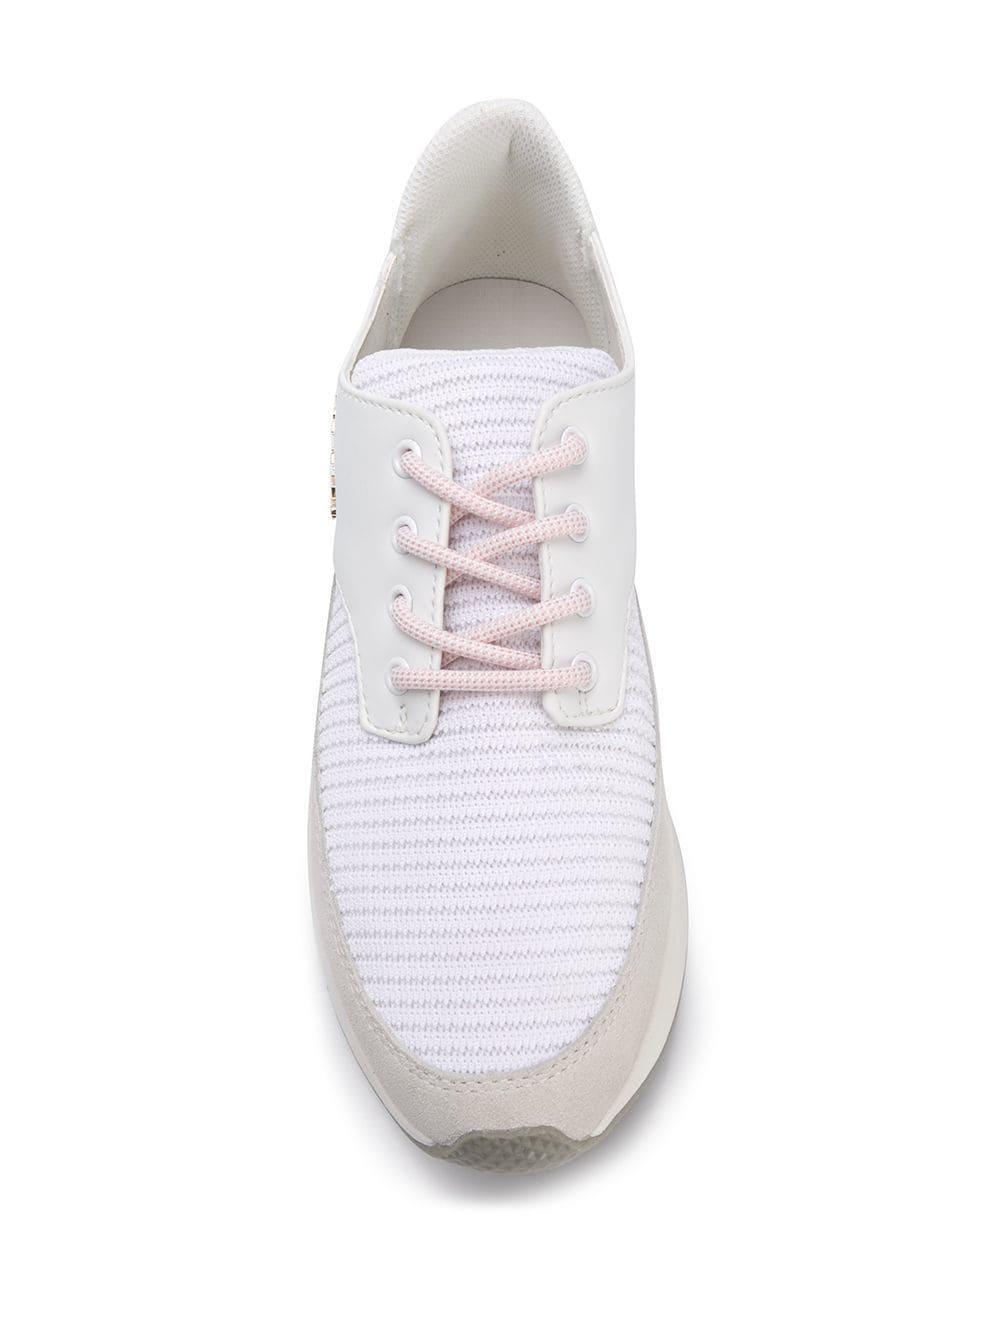 Baskets à semelle épaisse Cuir Versace Jeans en coloris Blanc uklw